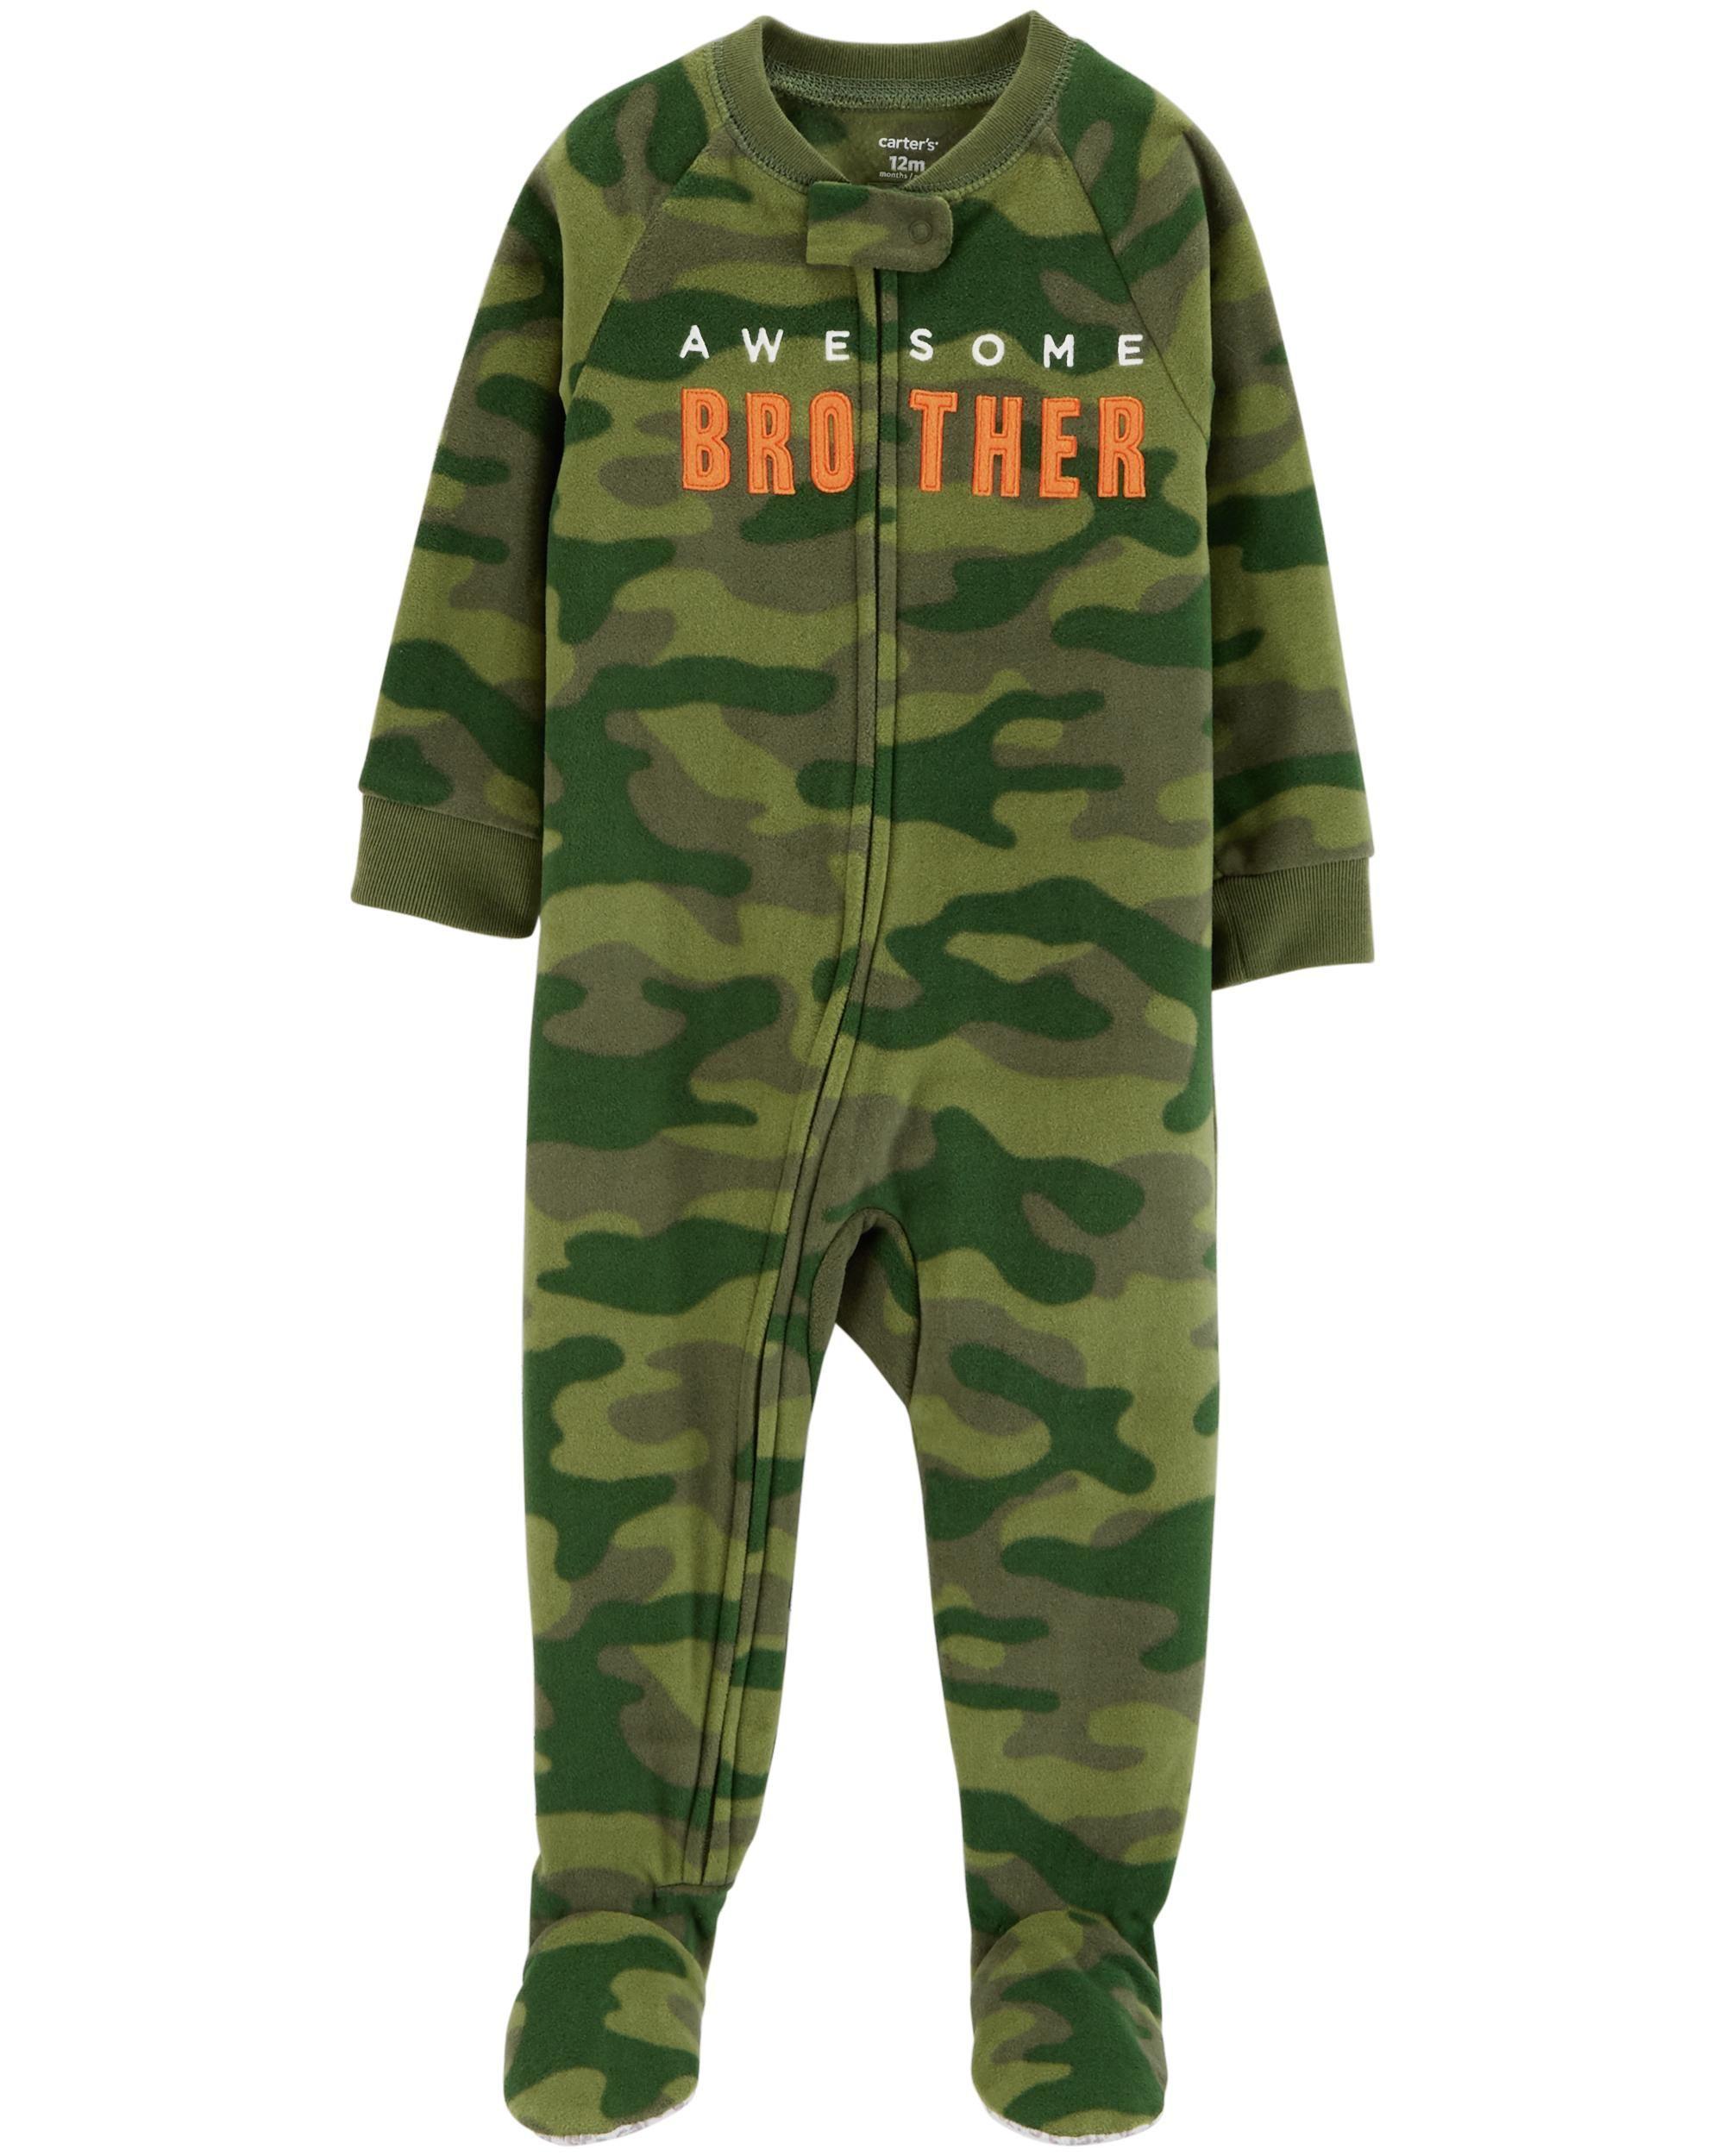 19e53b1c4 1-Piece Brother Fleece PJs